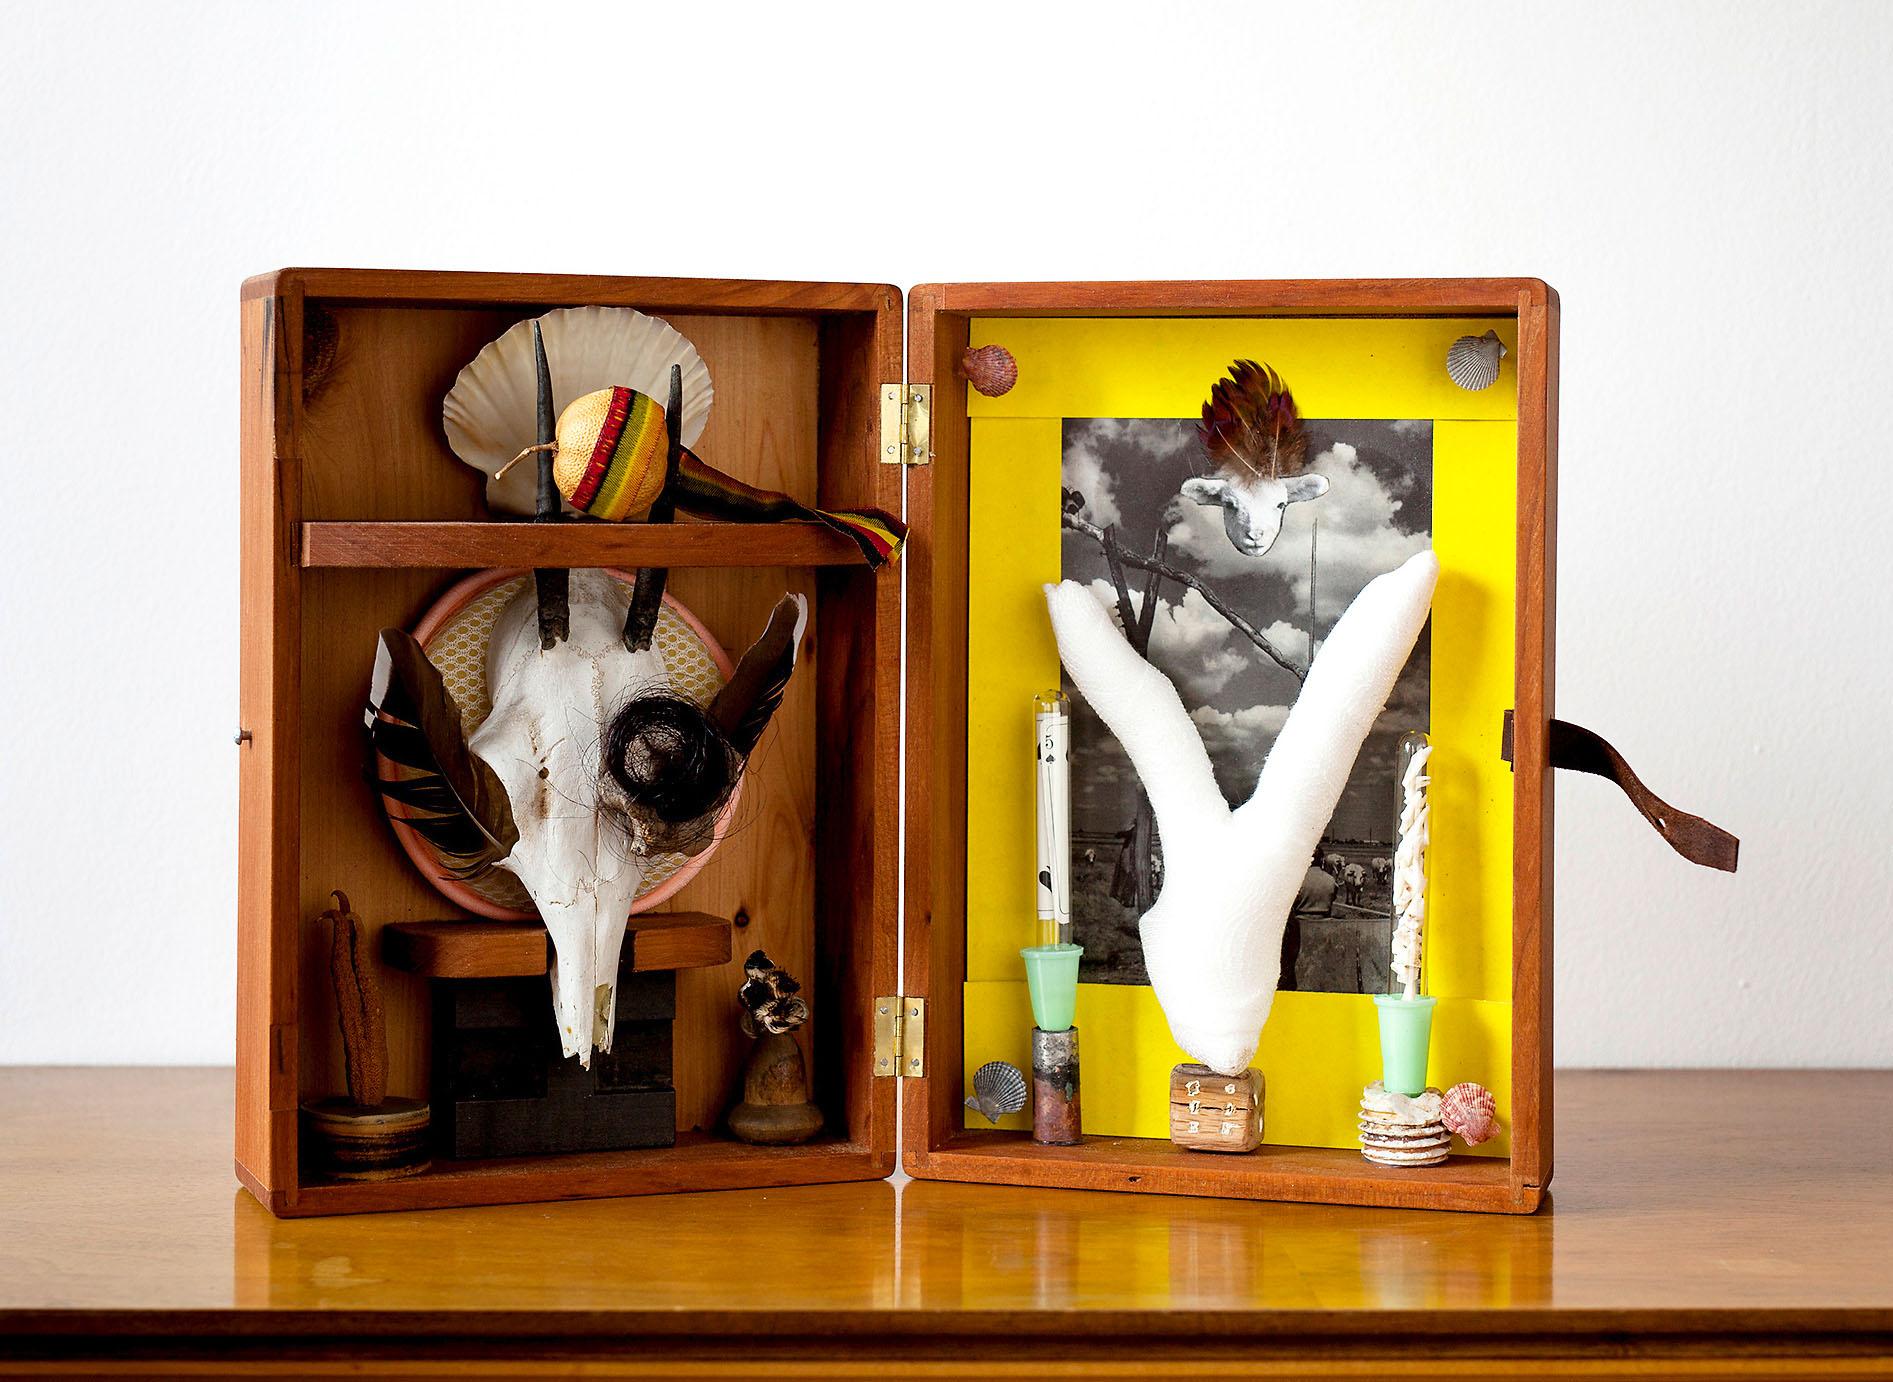 """o.T. aus """"Altare"""", 2016, 28,3 x 40 x 5 cm, Applikation diverser Materialien in Holzschrein"""